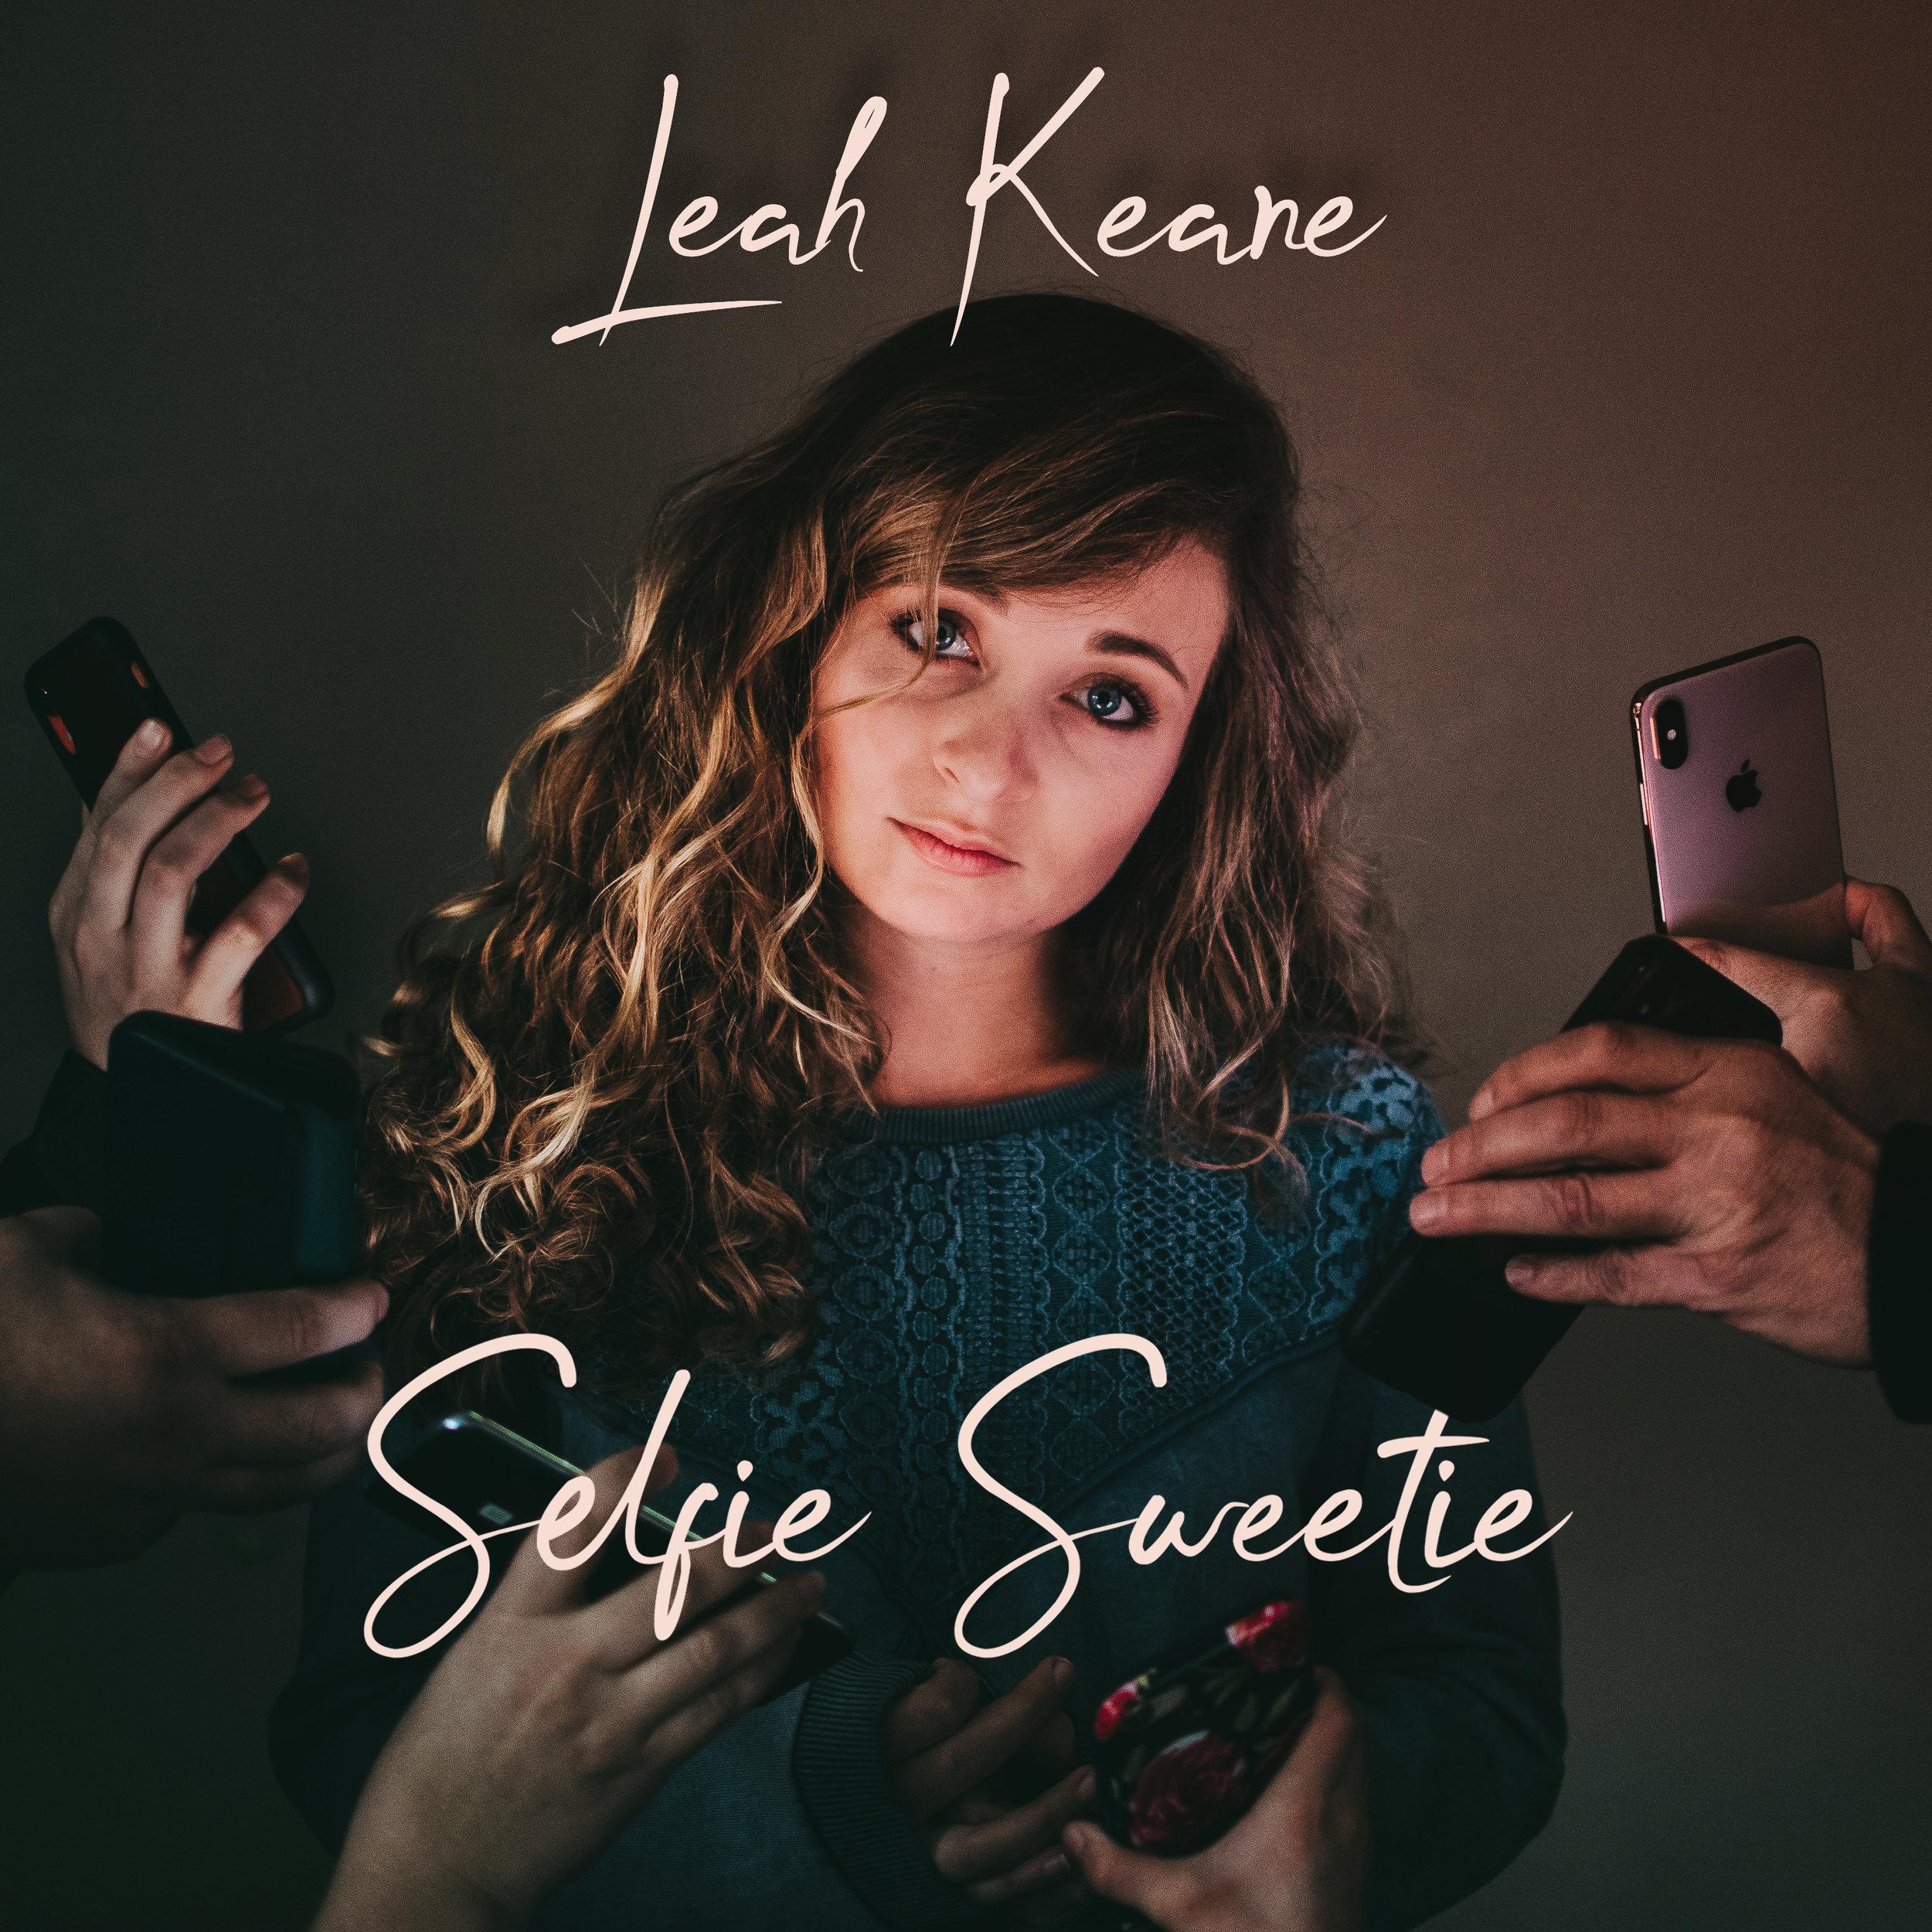 Selfie Sweetie Leah Keane.jpg